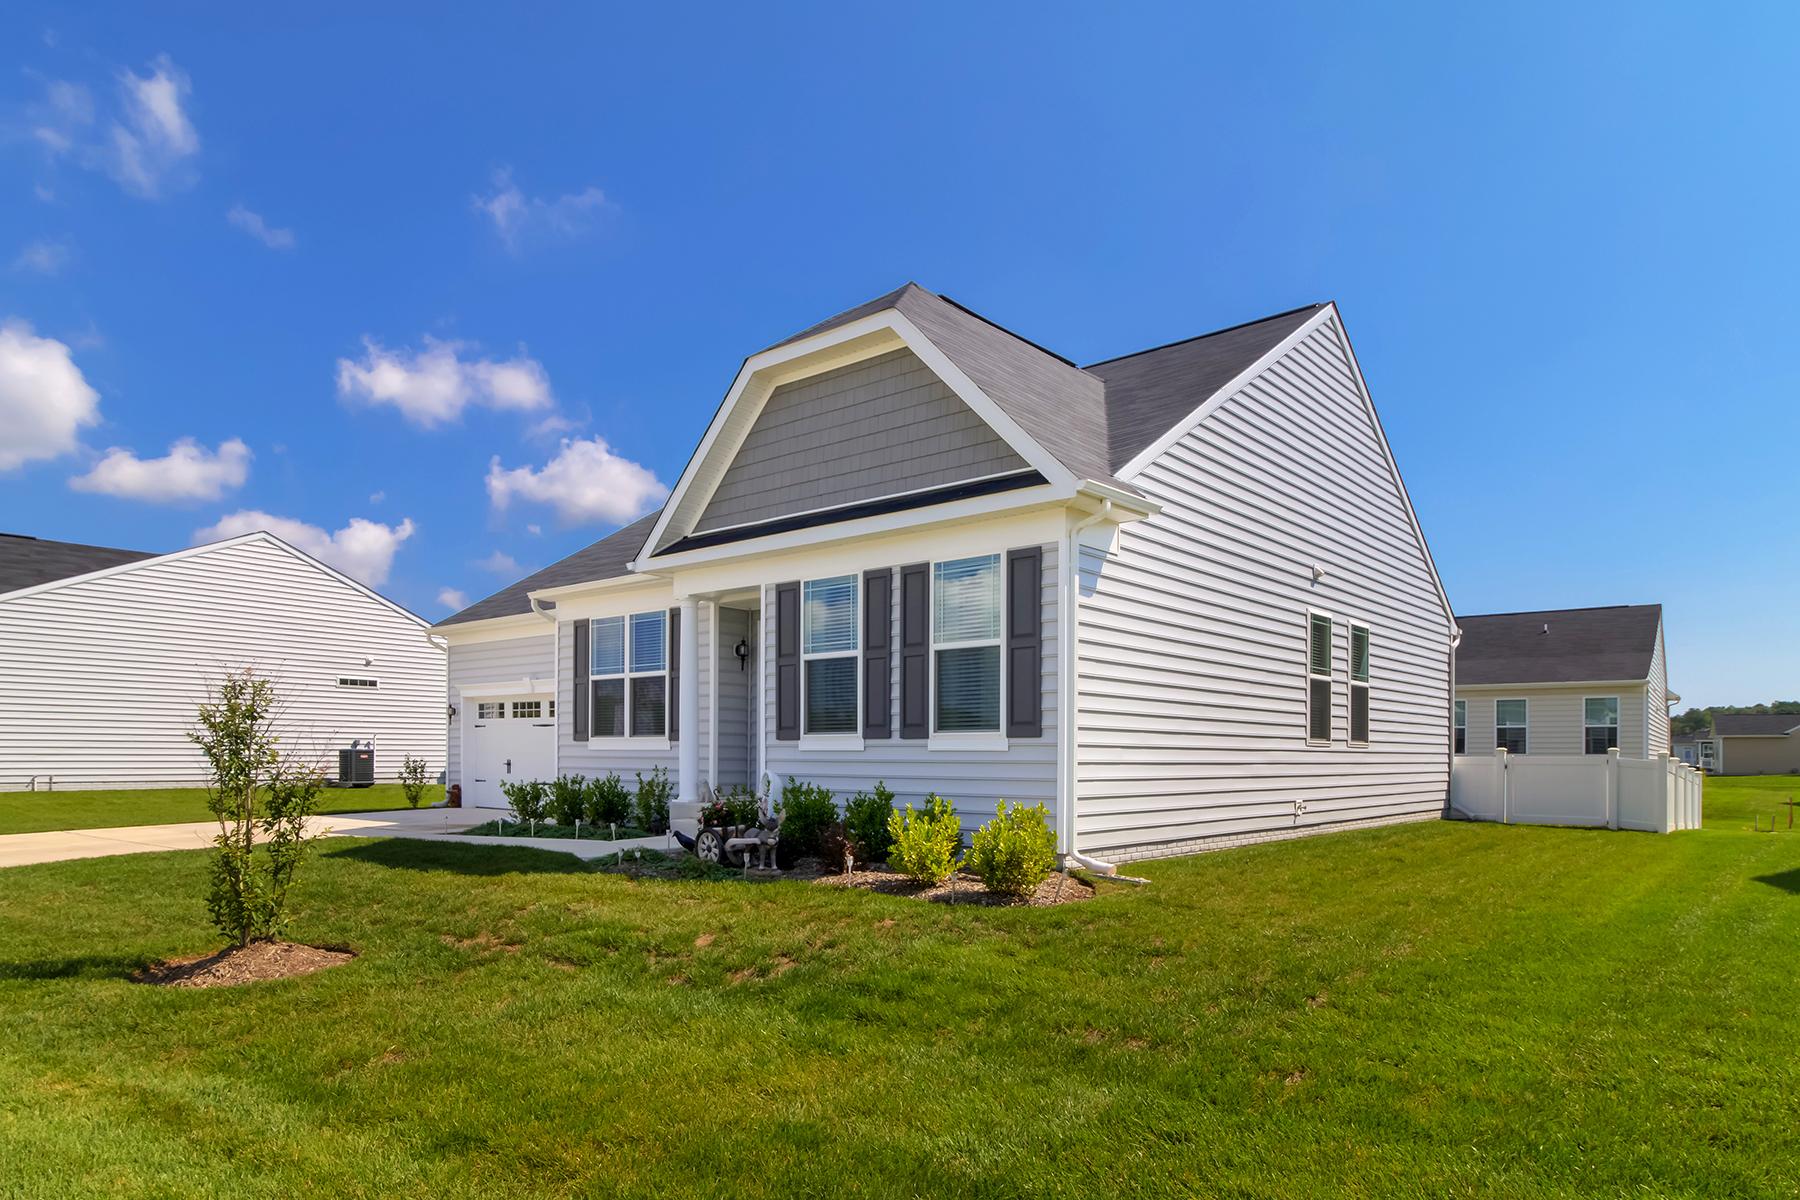 Nhà ở một gia đình vì Bán tại 12161 Spicer Creek Ave , Lewes, DE 19958 12161 Spicer Creek Ave, Lewes, Delaware, 19958 Hoa Kỳ